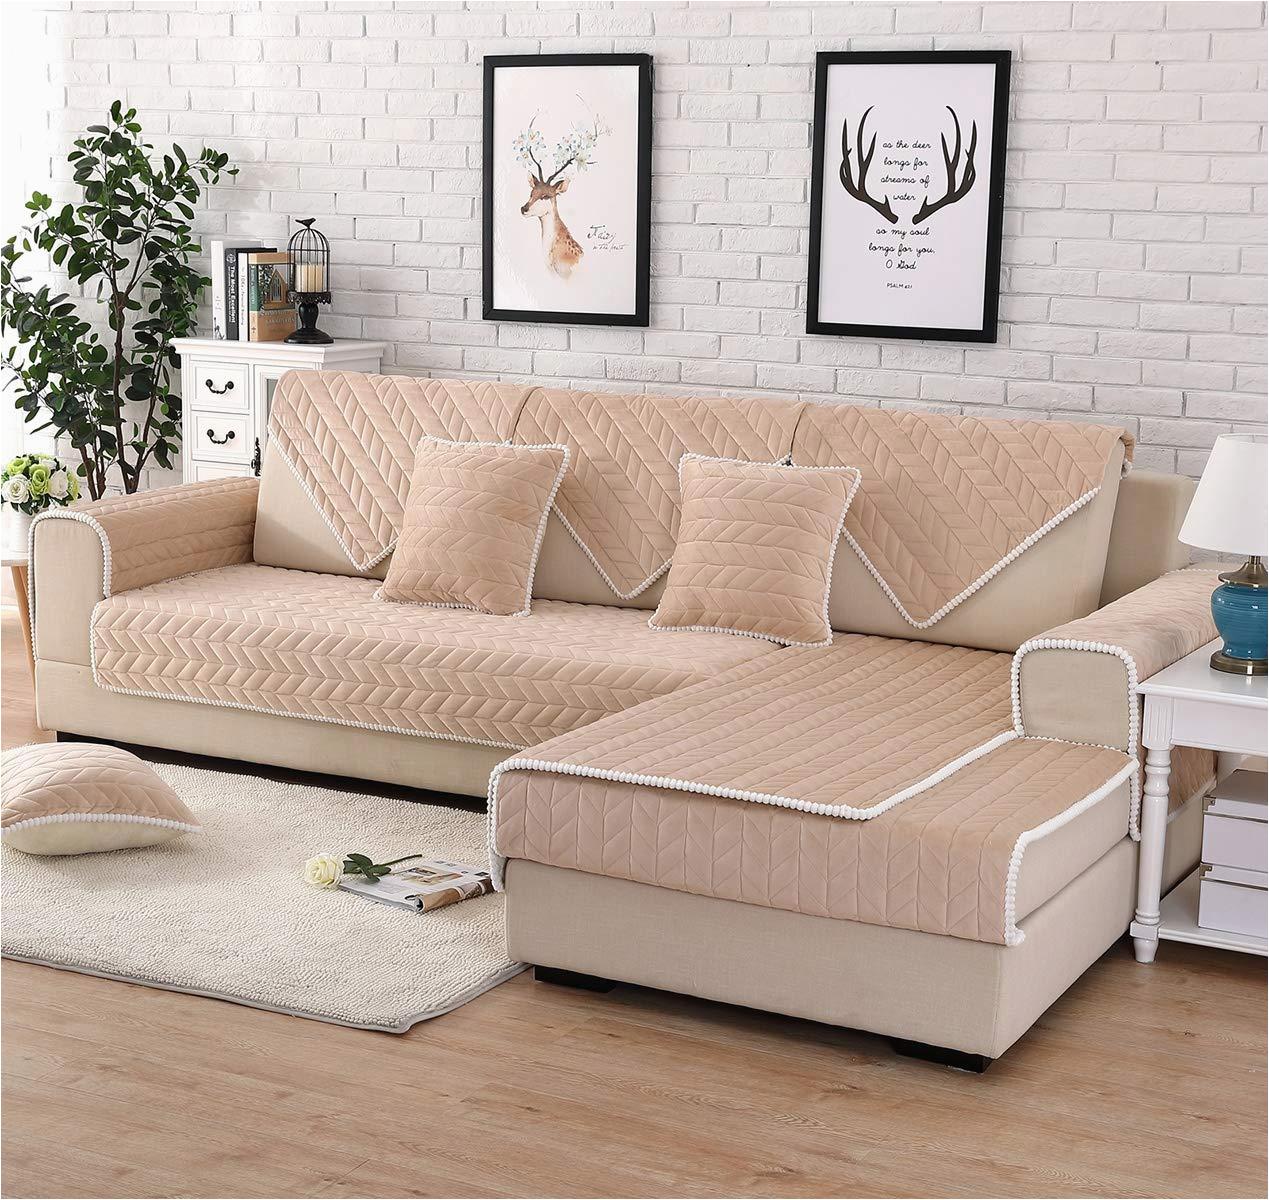 Full Cushion sofa Design Qwer sofabezug L Shape Für Haustiere sofa Anti Rutsch